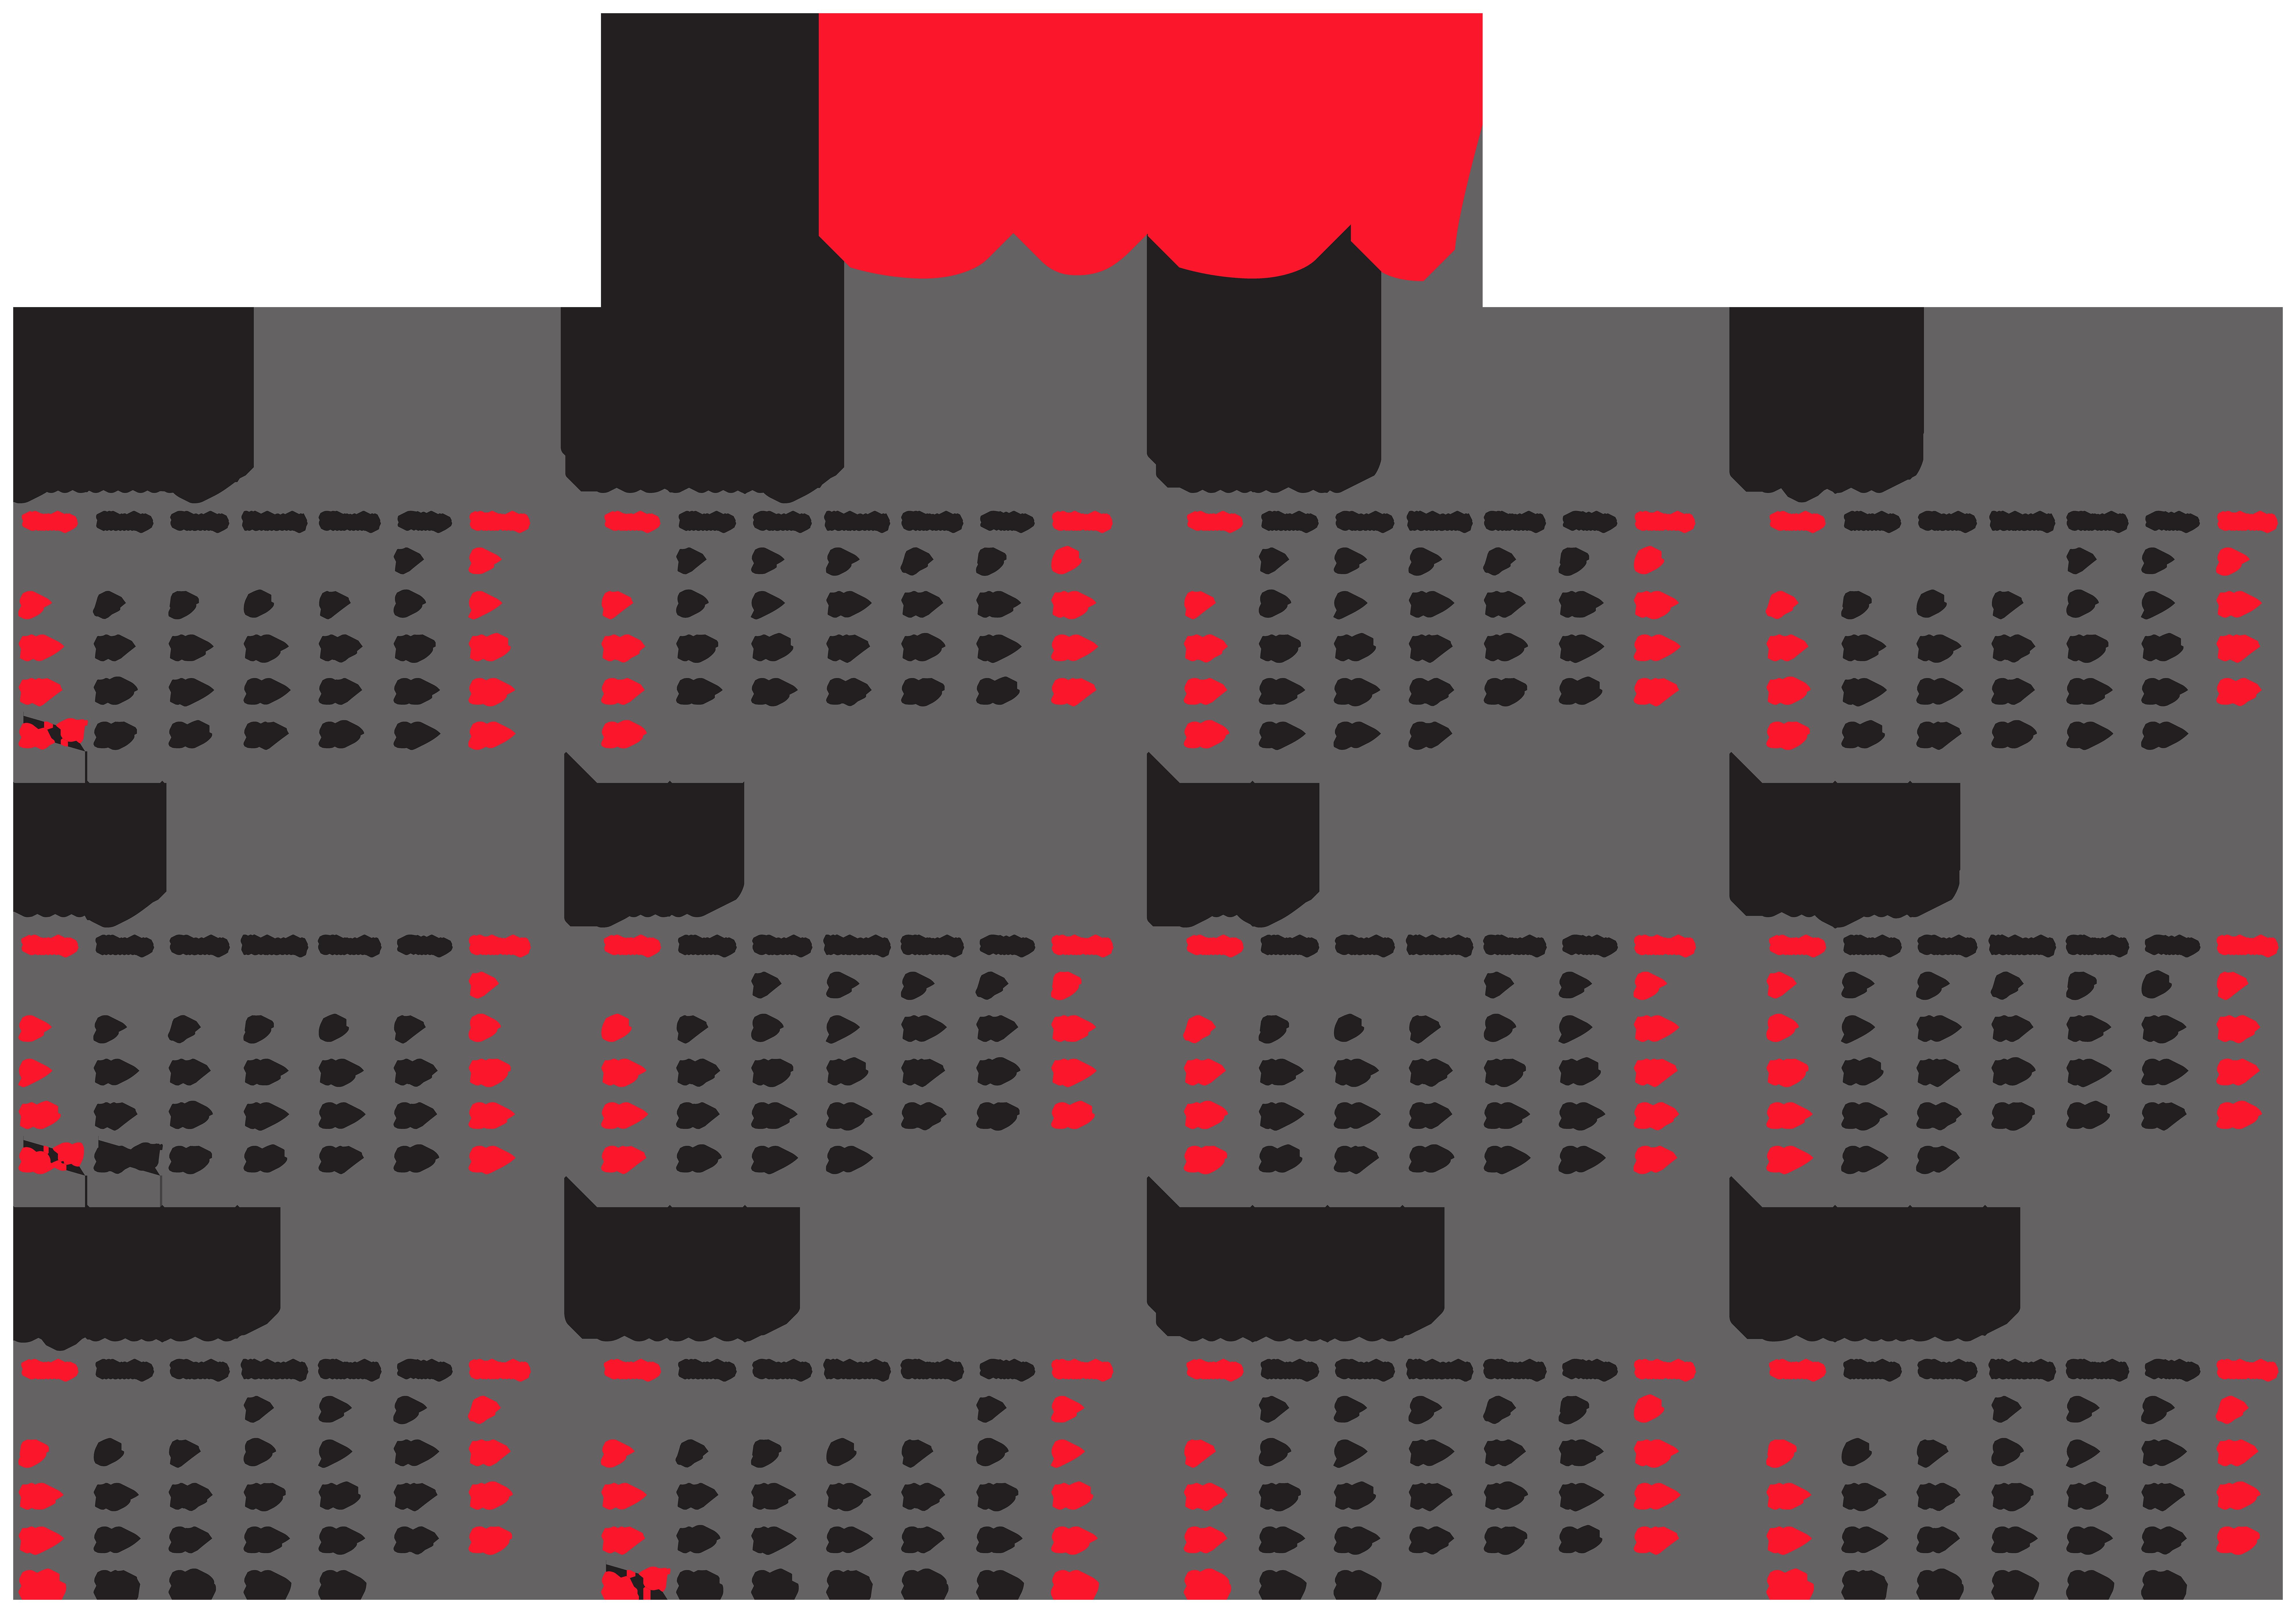 Download Kalender 2021 Hd Aesthetic - Download Kalender ...